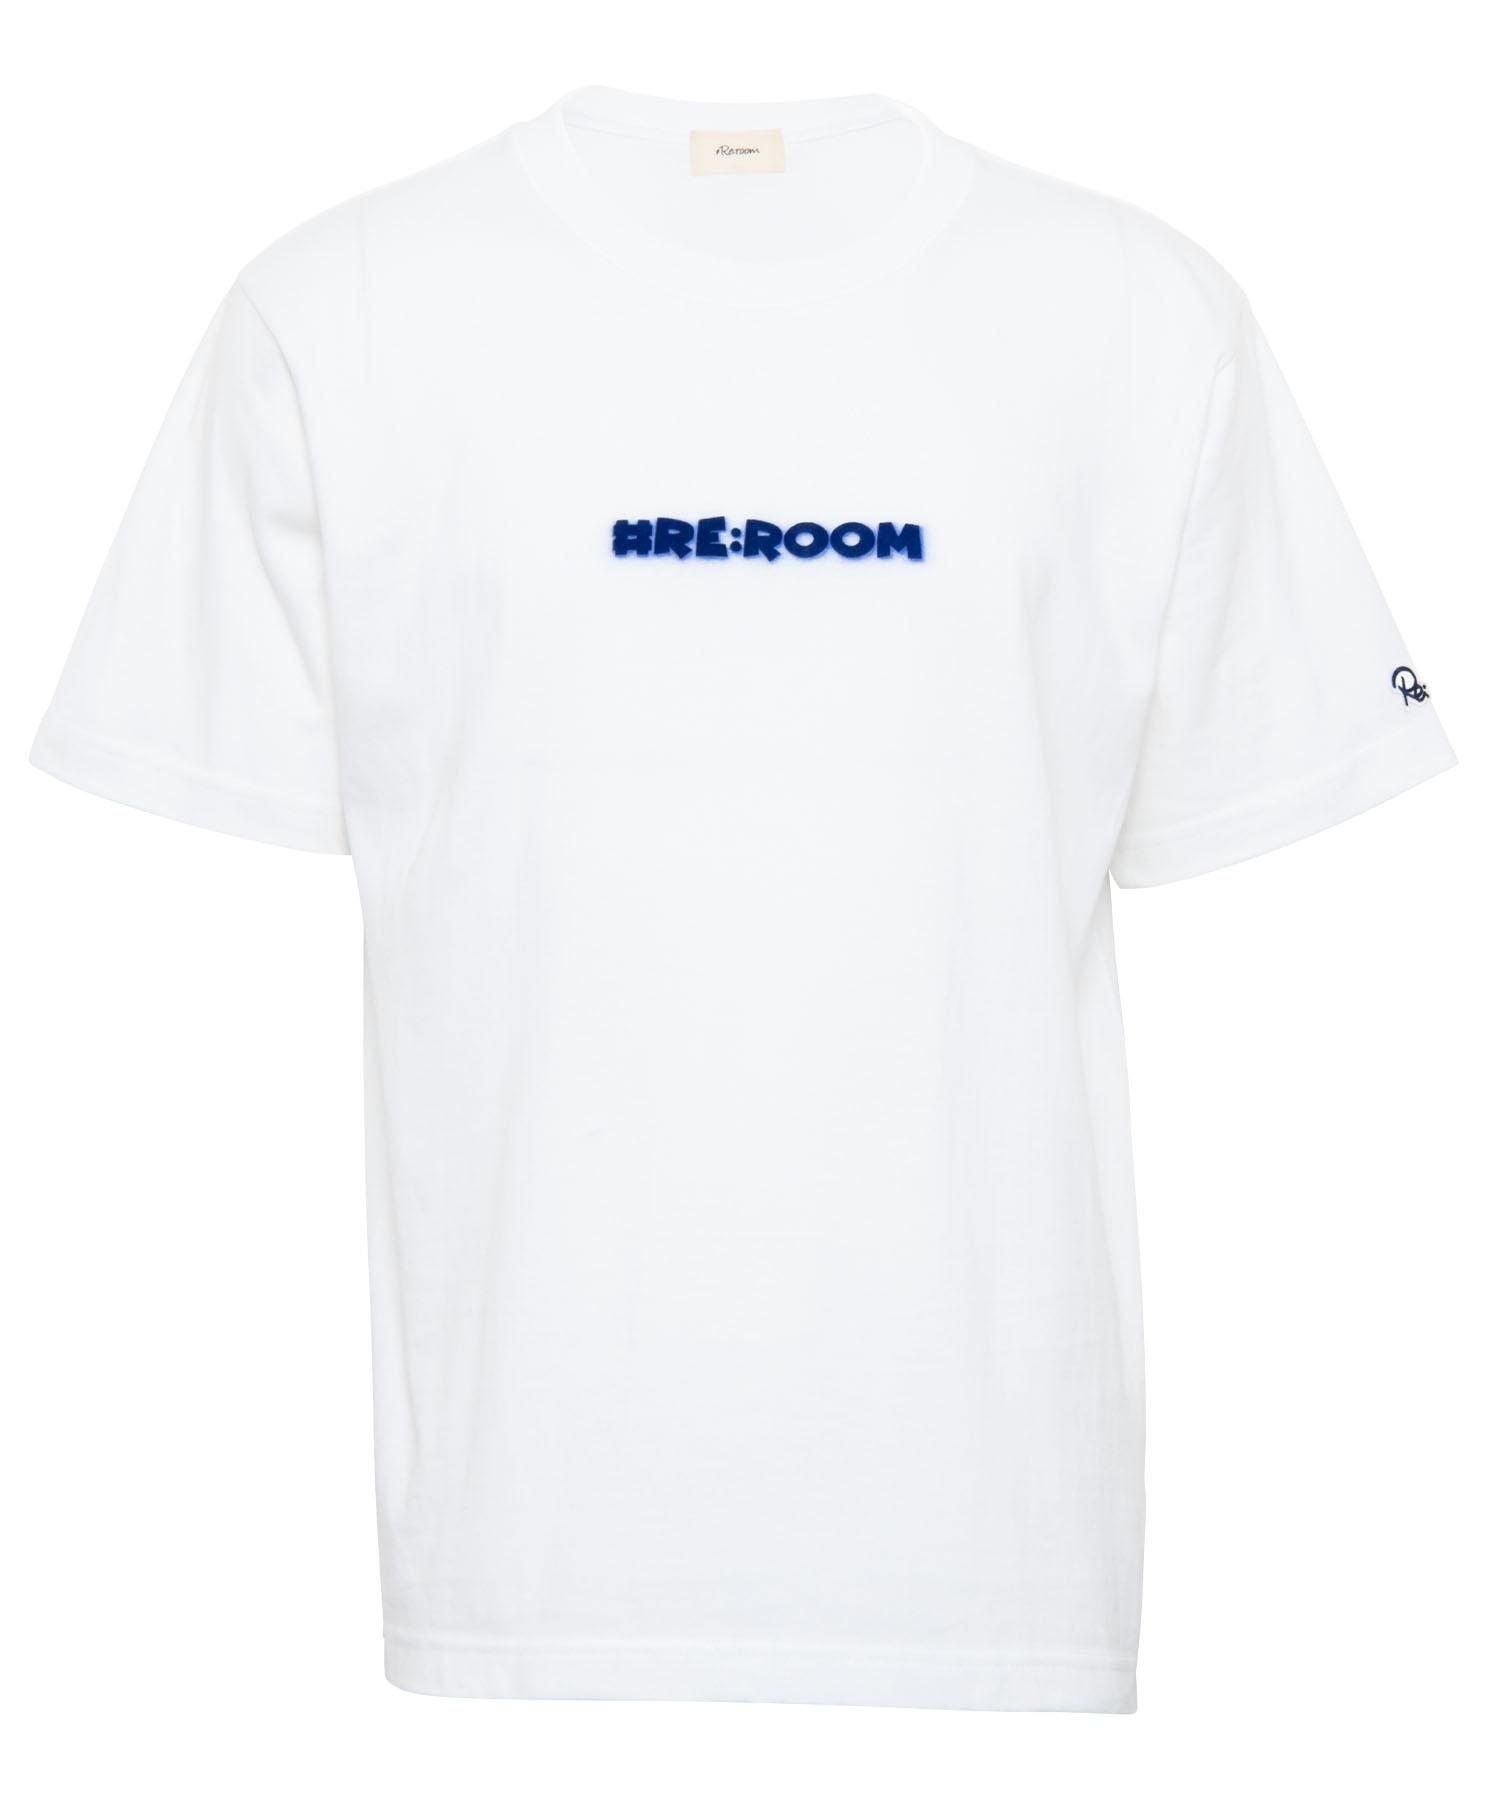 VINTAGE FLOCKY LOGO PRINT T-shirt - MICKEY MOUSE[REC408]